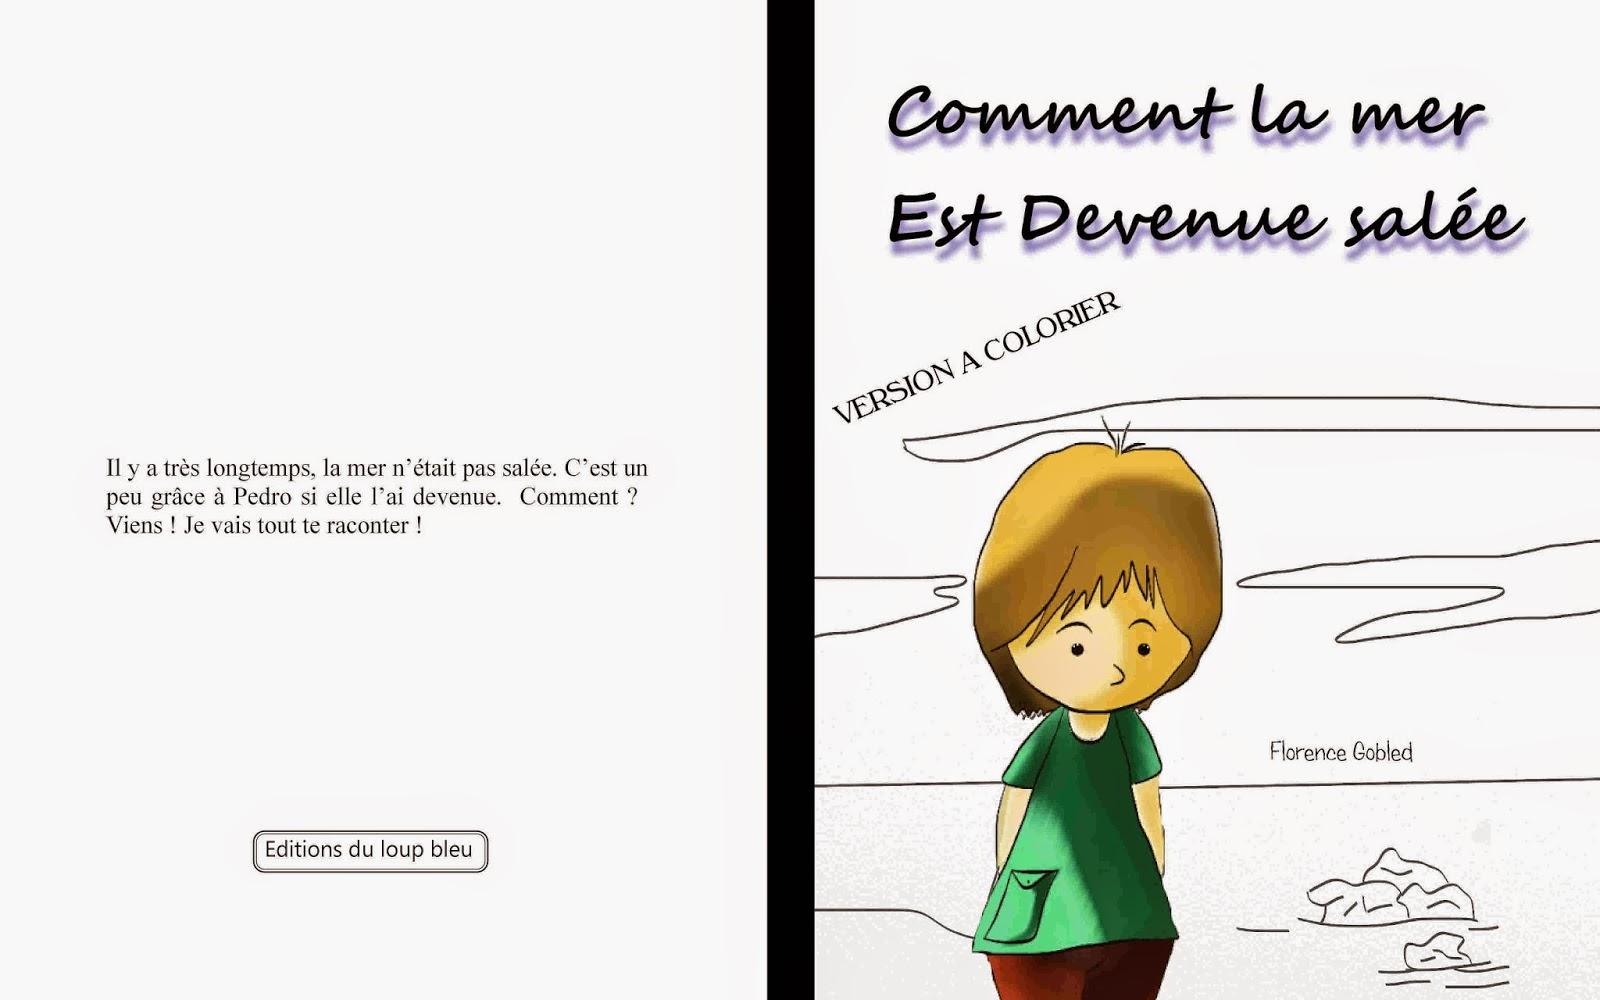 Livre pour enfant à lire et colorier, à partir de 3 ans. Album écrit et illustré par Florence Gobled, auteur et illustrateur jeunesse à Autun, Bourgogne